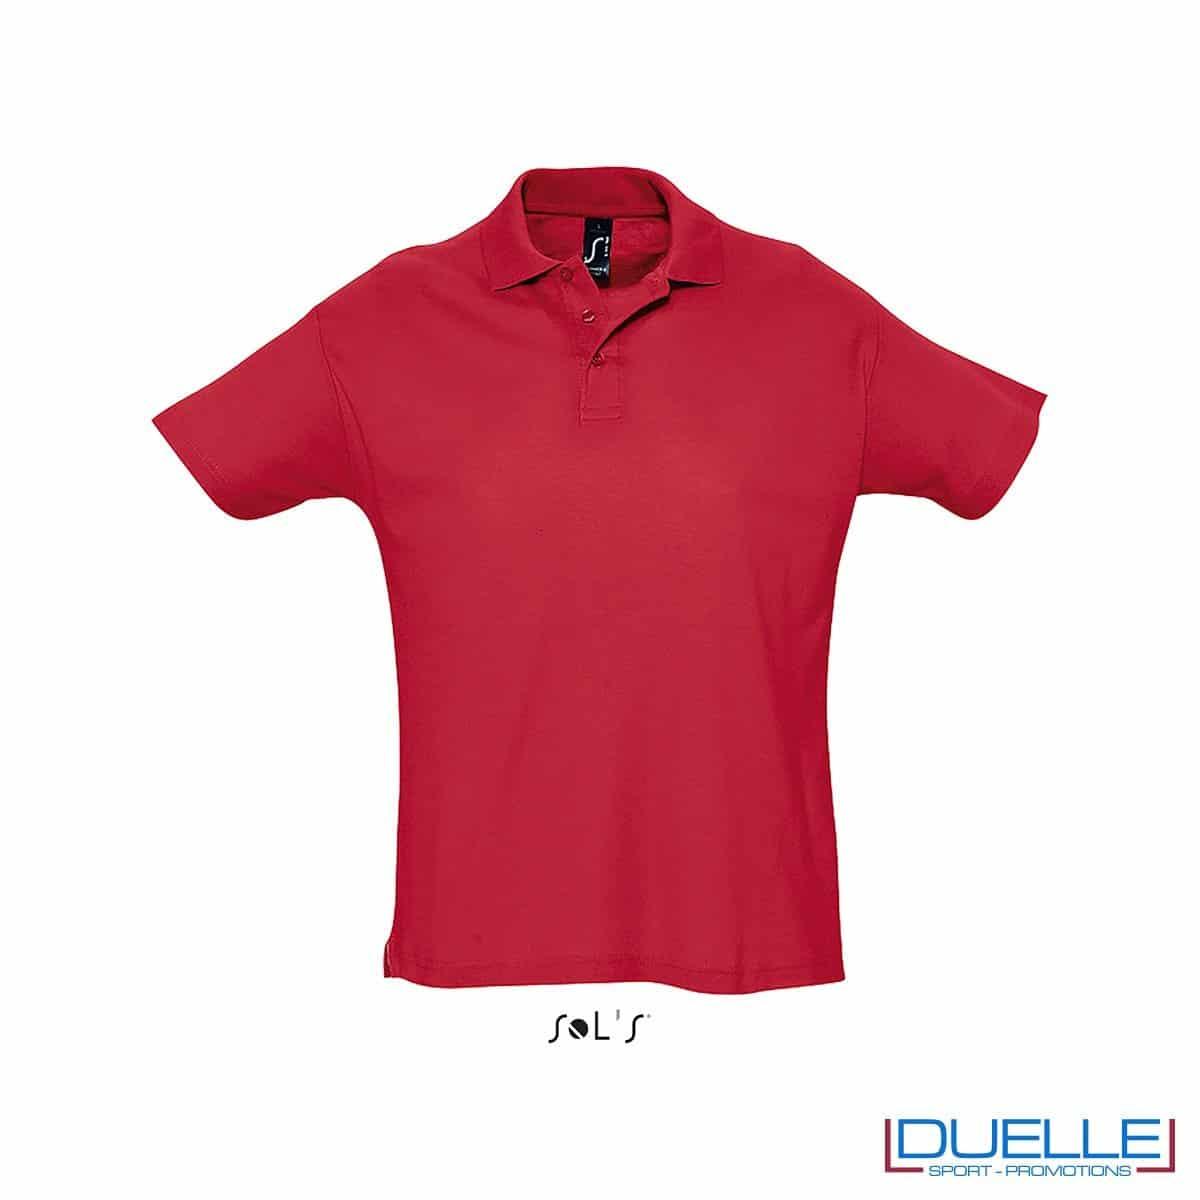 polo personalizzata colore rosso, polo piquet personalizzata